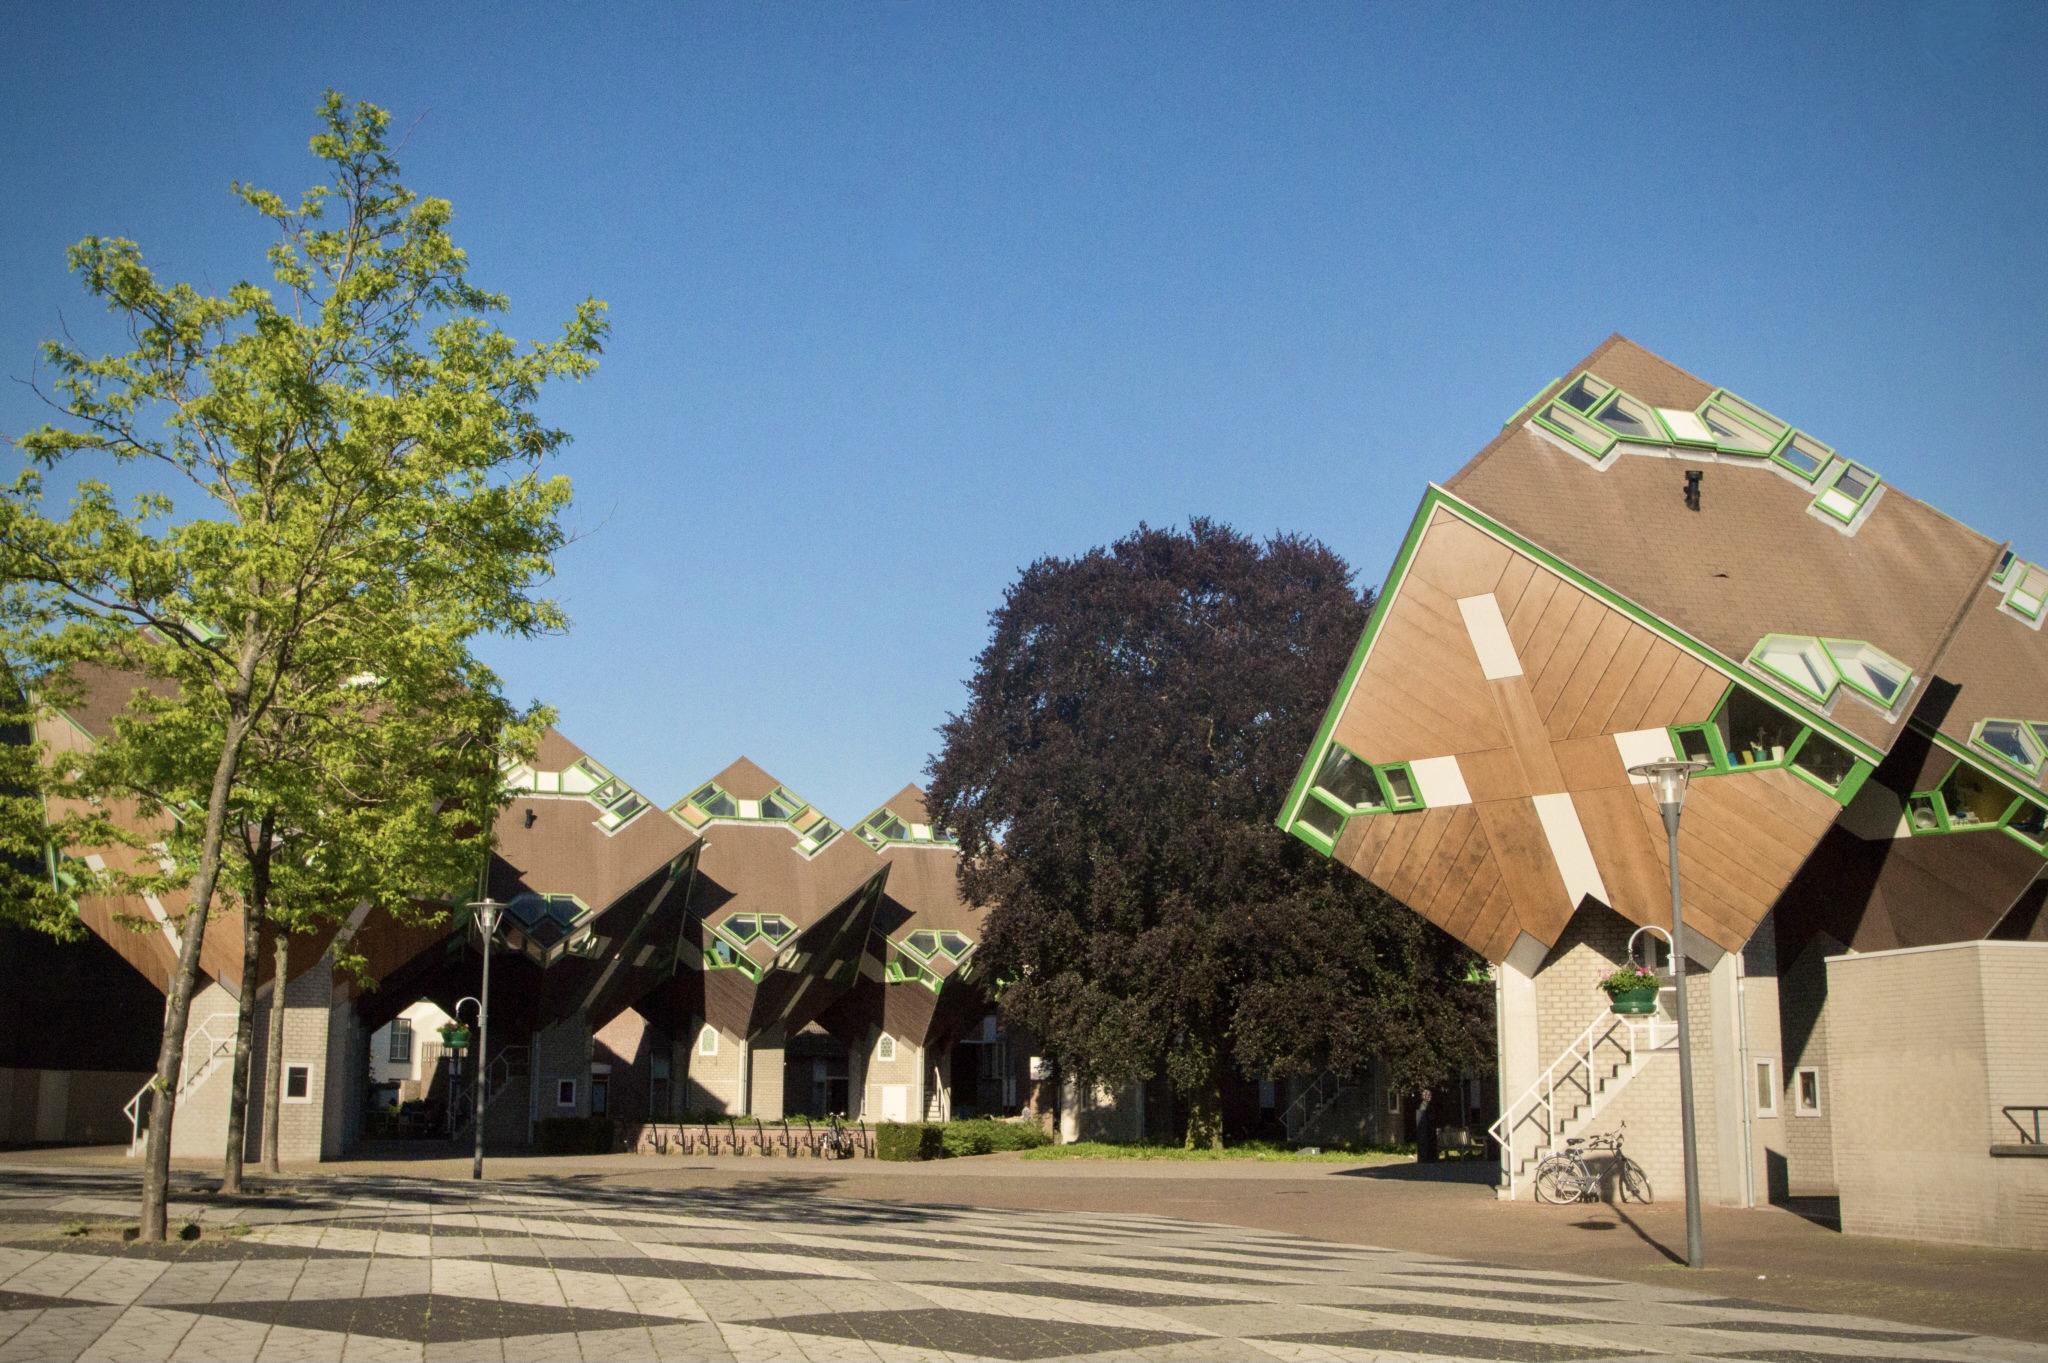 Die Kubushäuser in Helmond in den Niederlanden